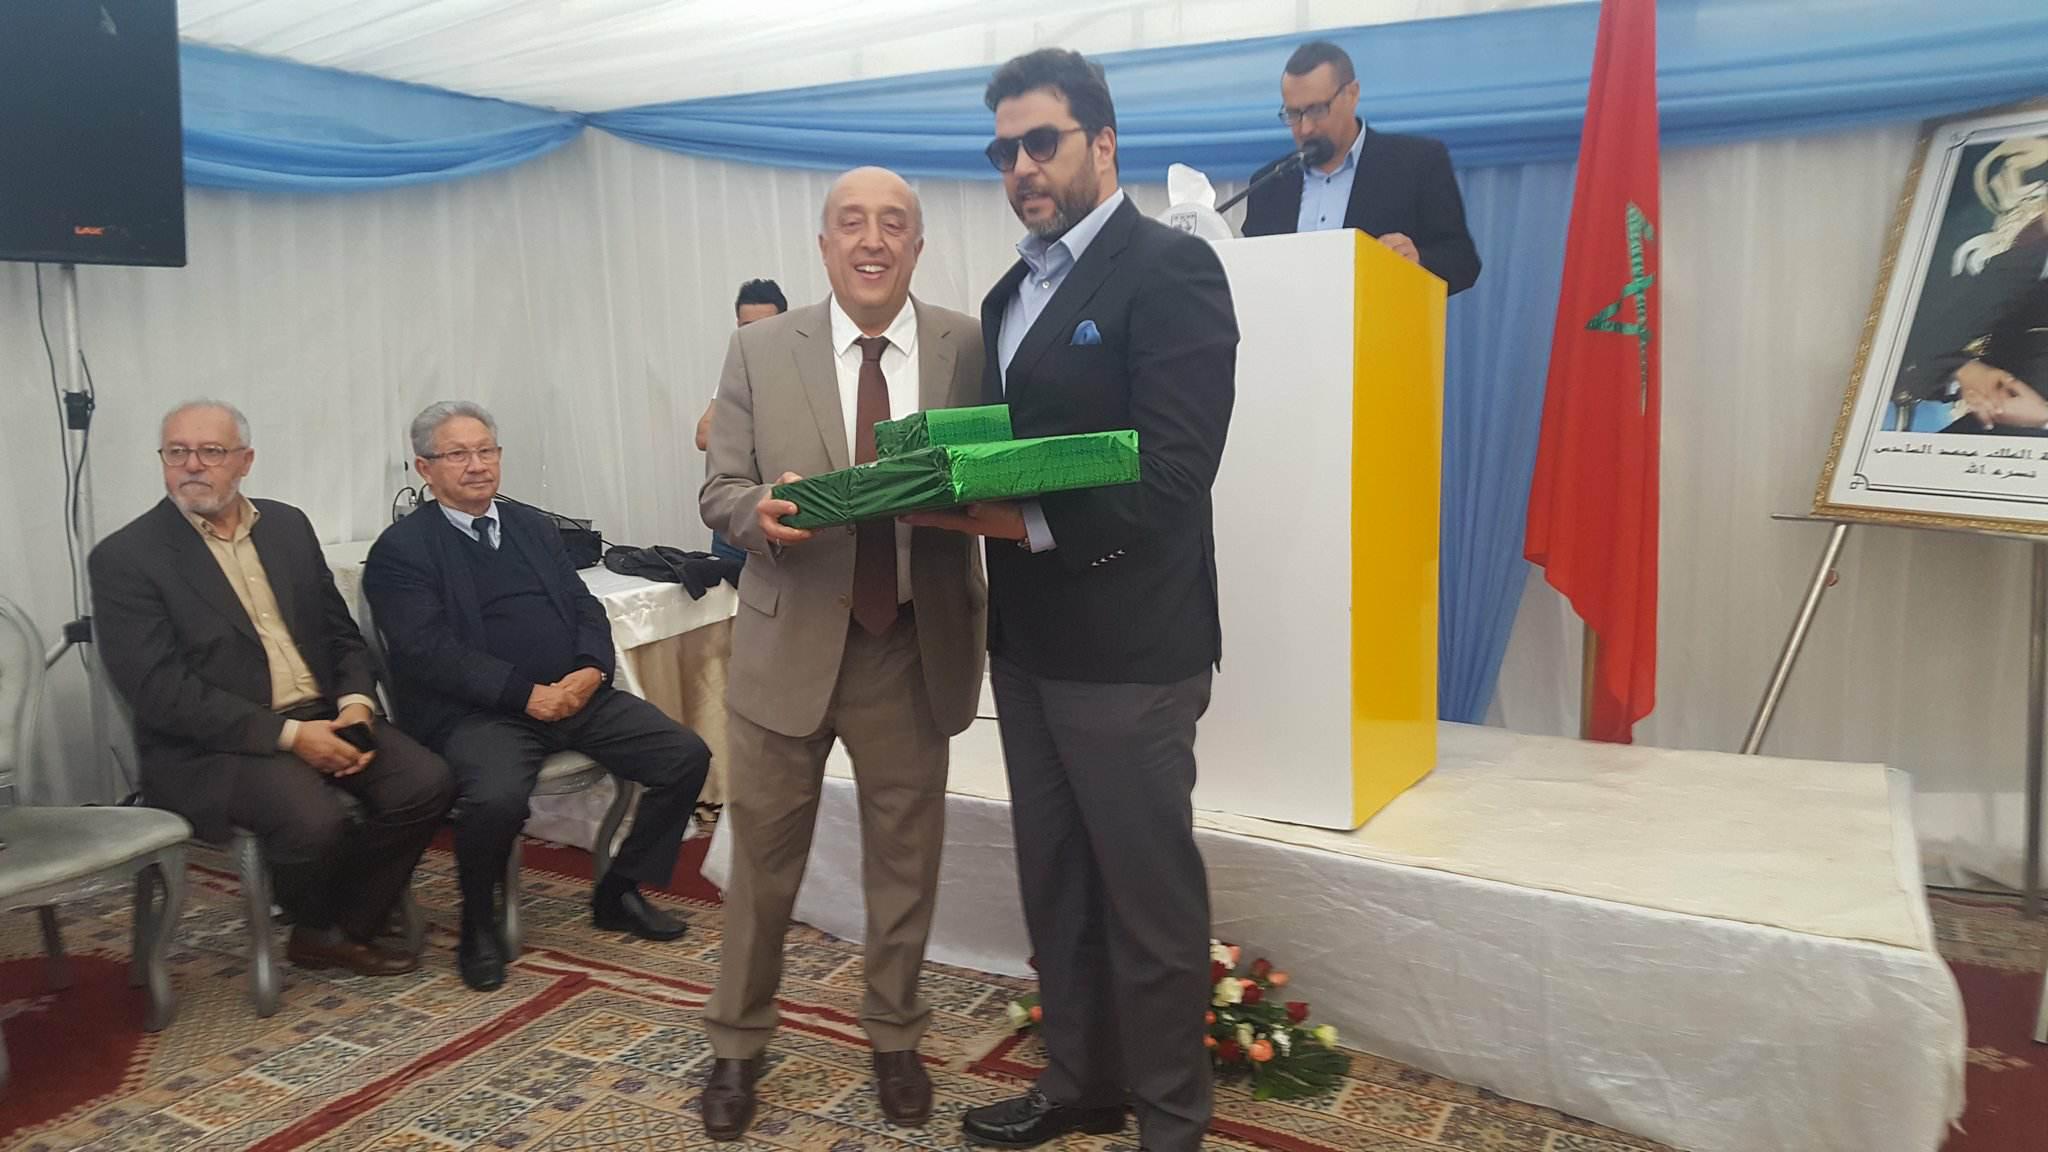 """أكادير : مديرية الضرائب تكرم المدير الجهوي السابق """"علي عبد المالك"""" بحضور المدير الجهوي الجديد"""" سعيد أوشكور """" ( فيديو و صُور )"""